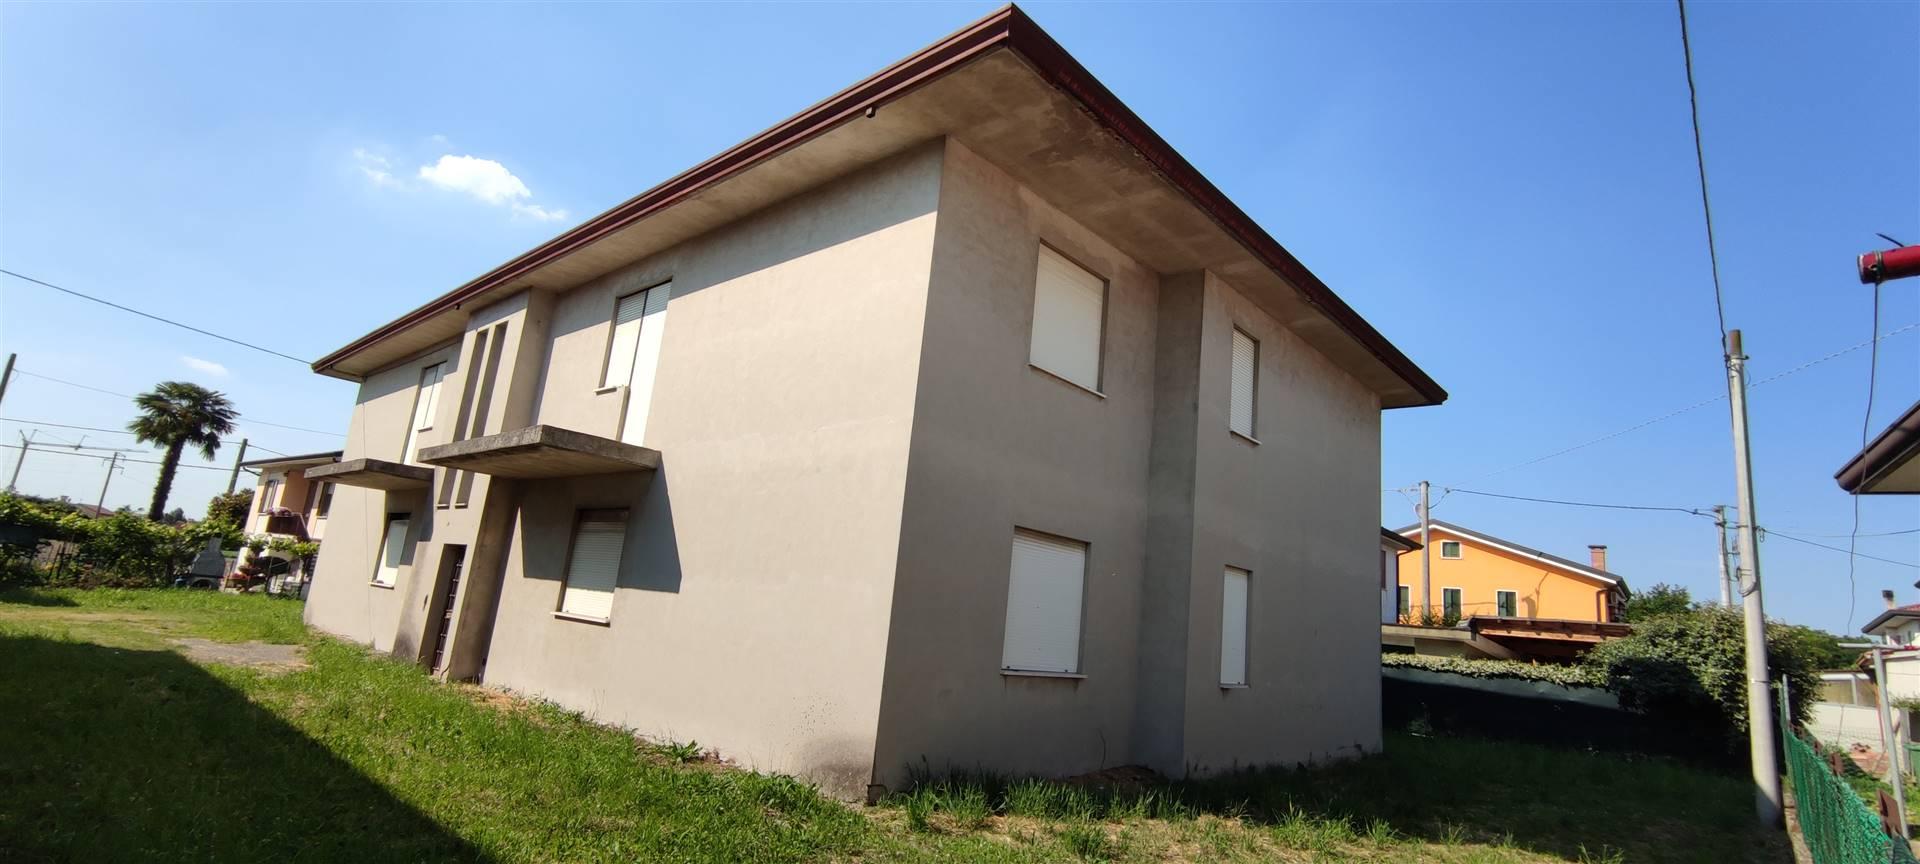 Palazzo / Stabile in Vendita a Conselve